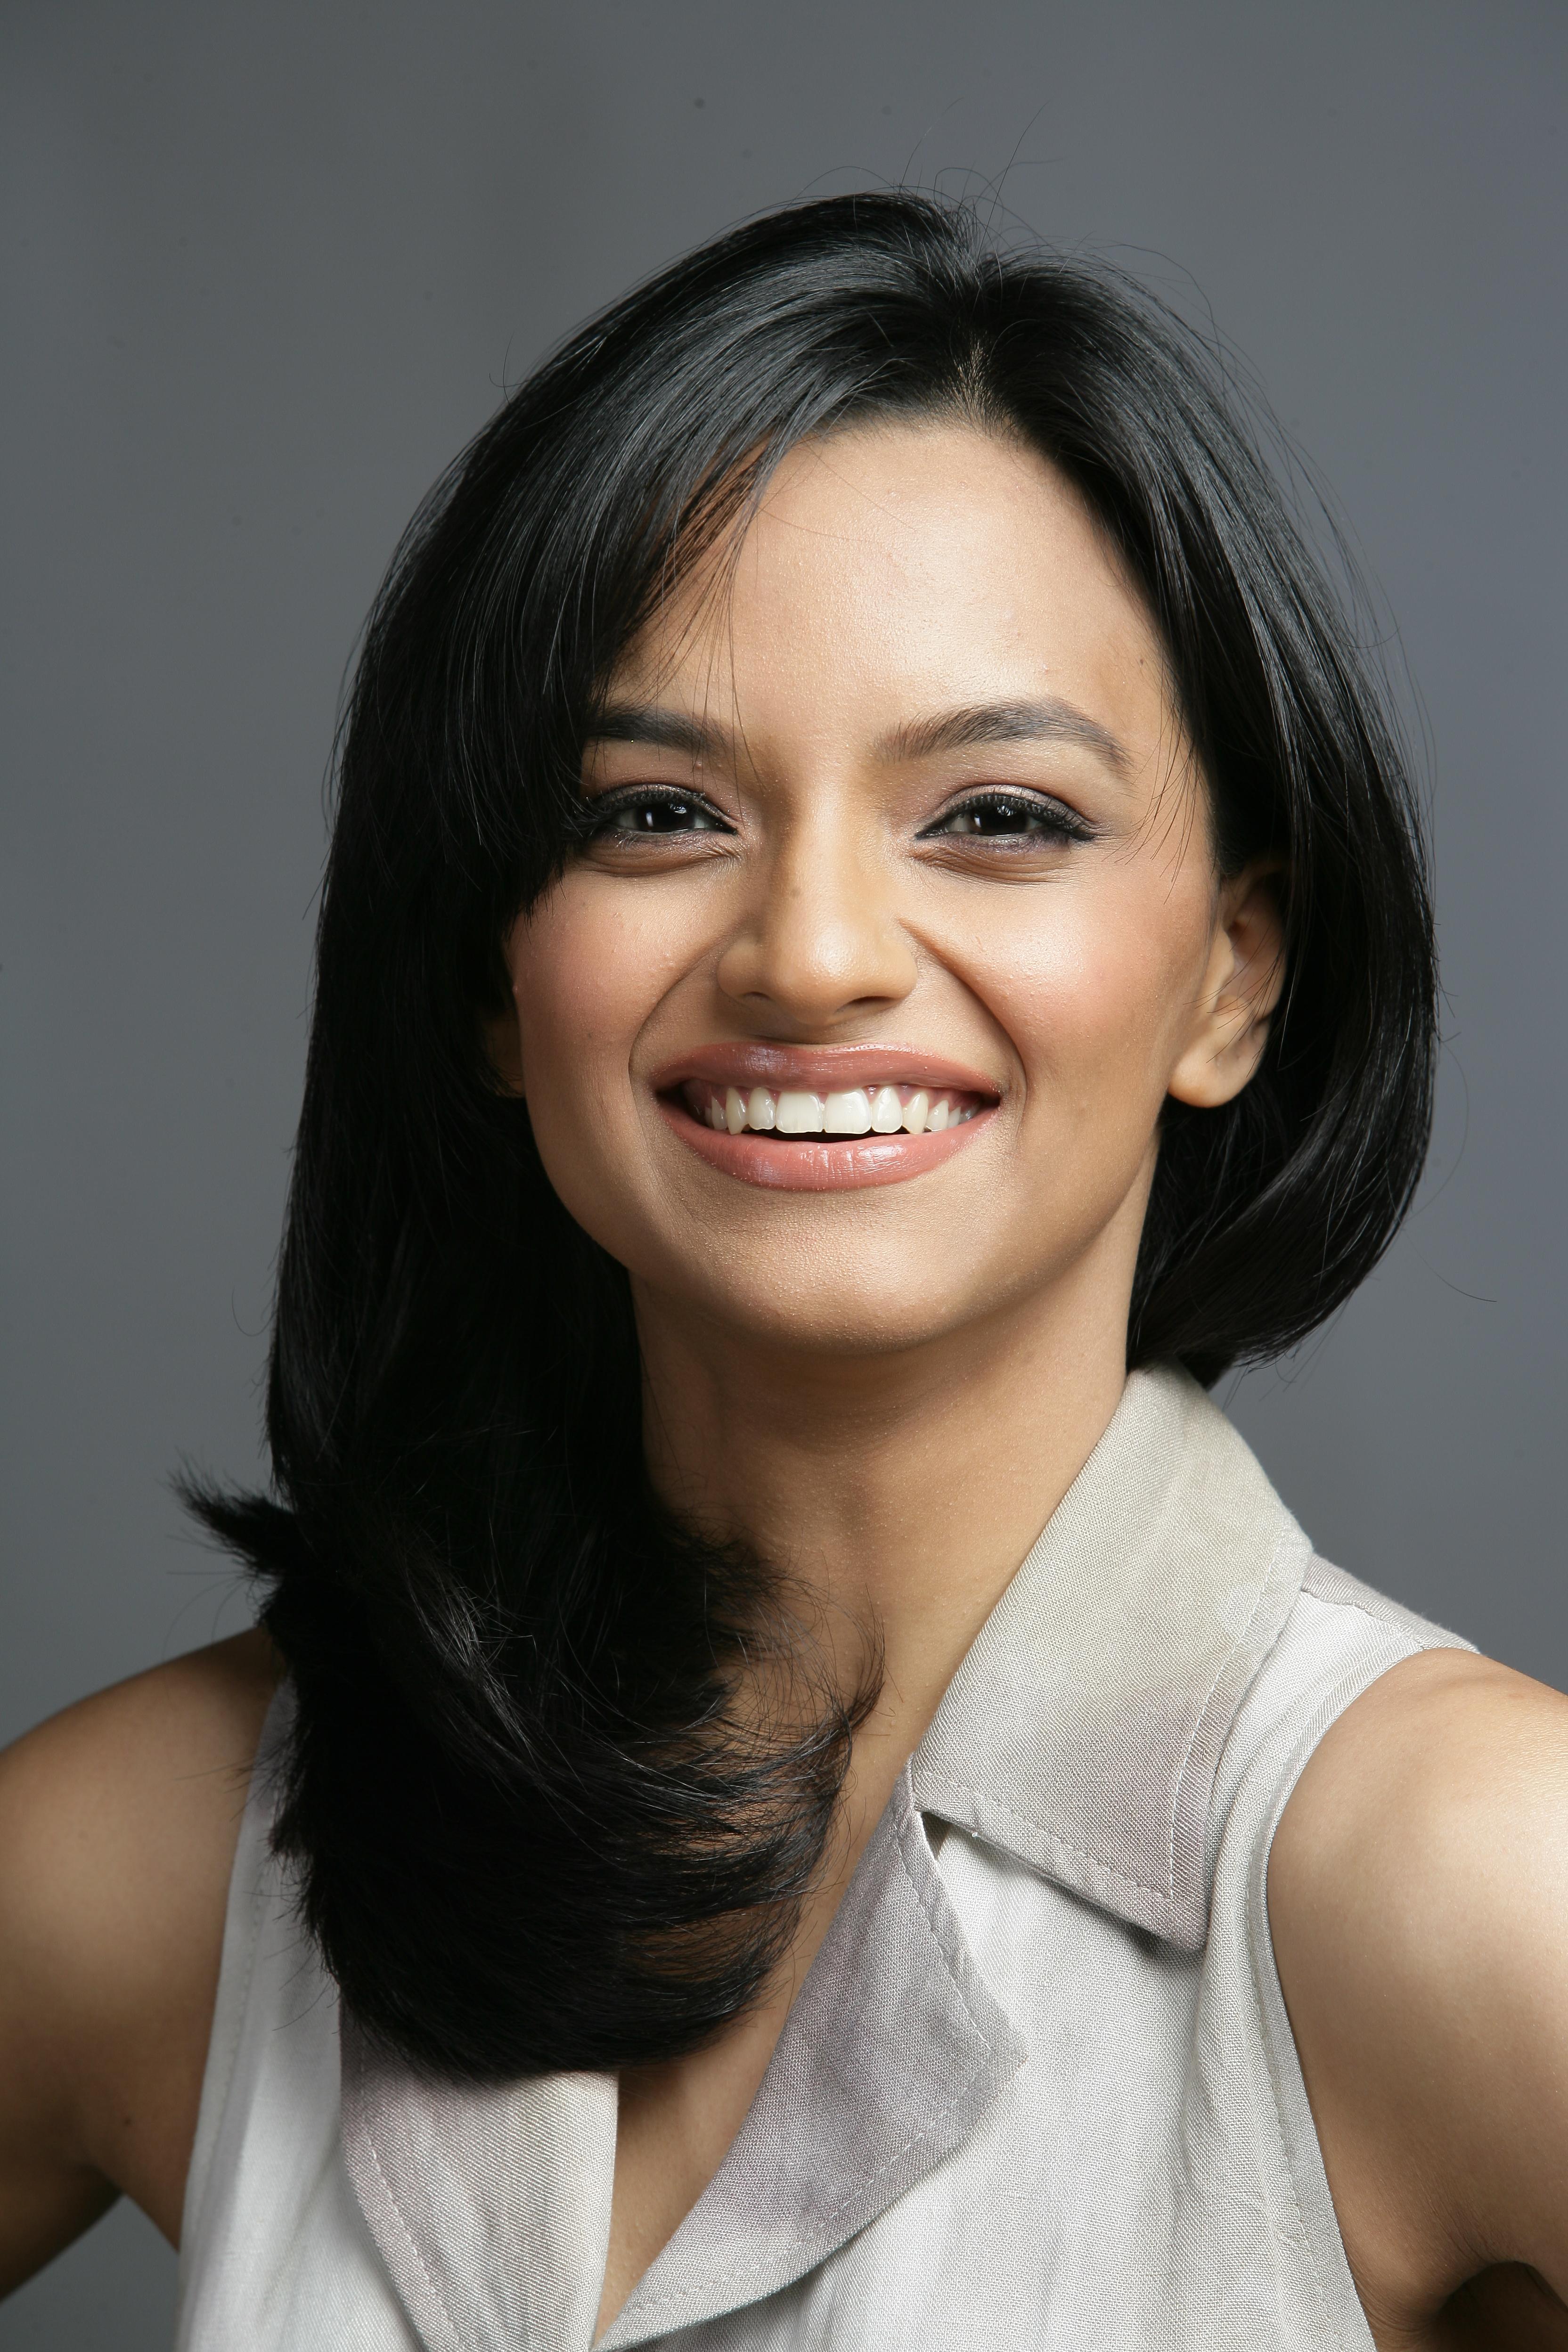 Anaitha Glam